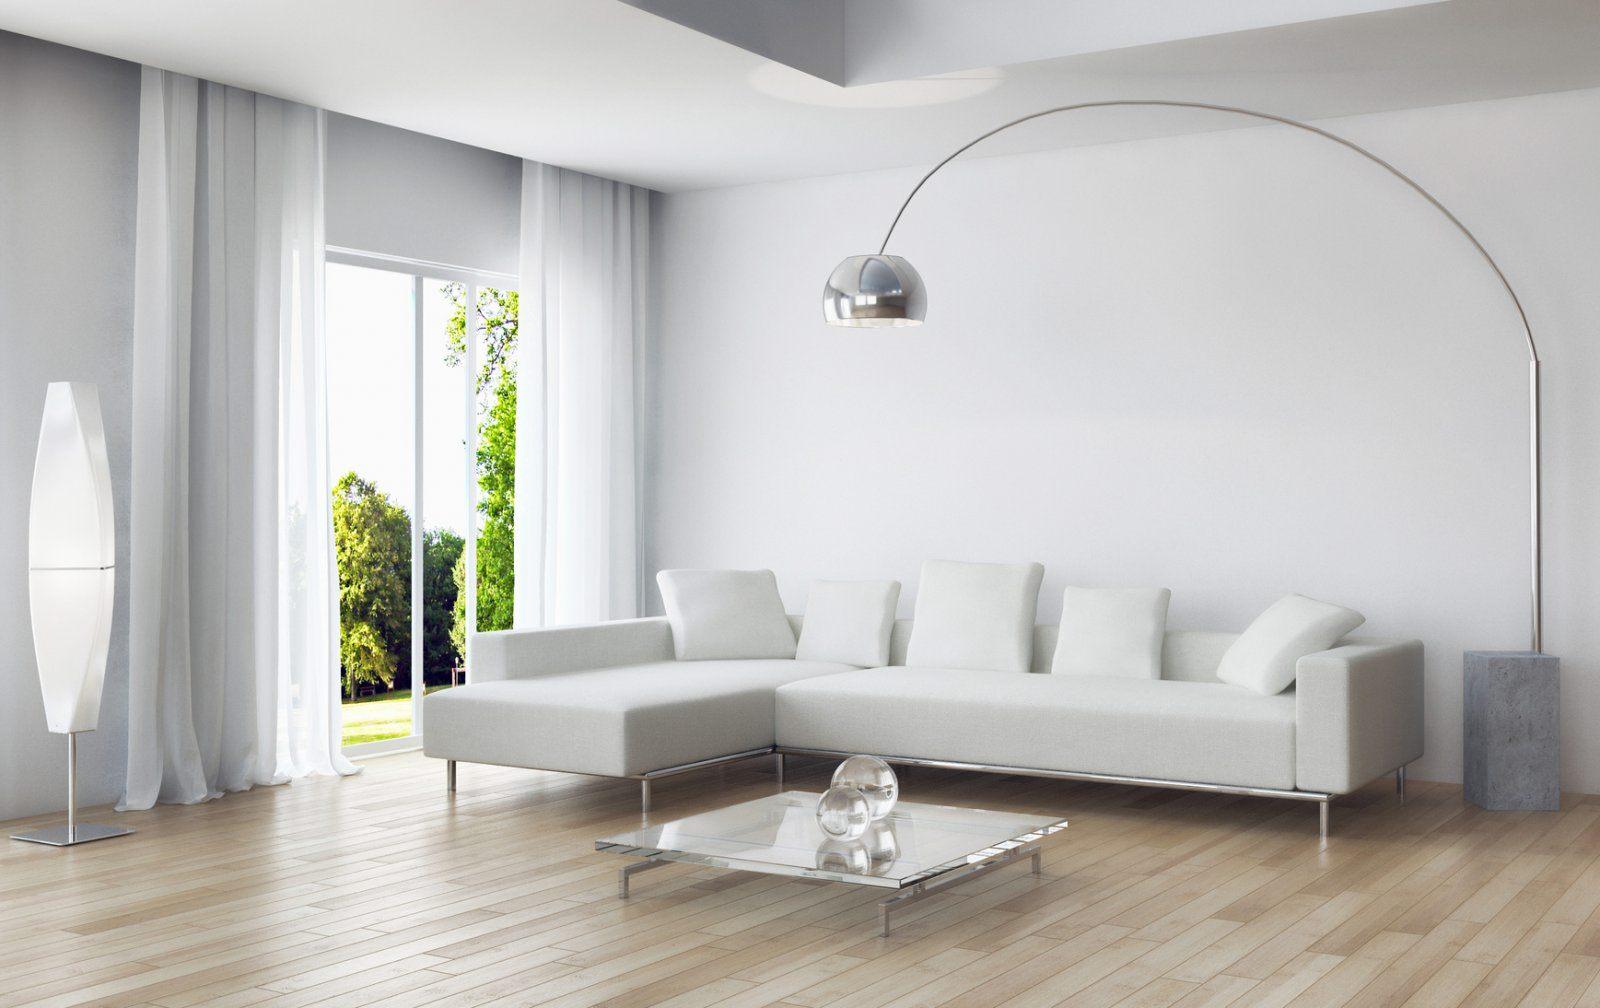 Illuminazione Soggiorno A Led: Illuminazione salone moderno ...